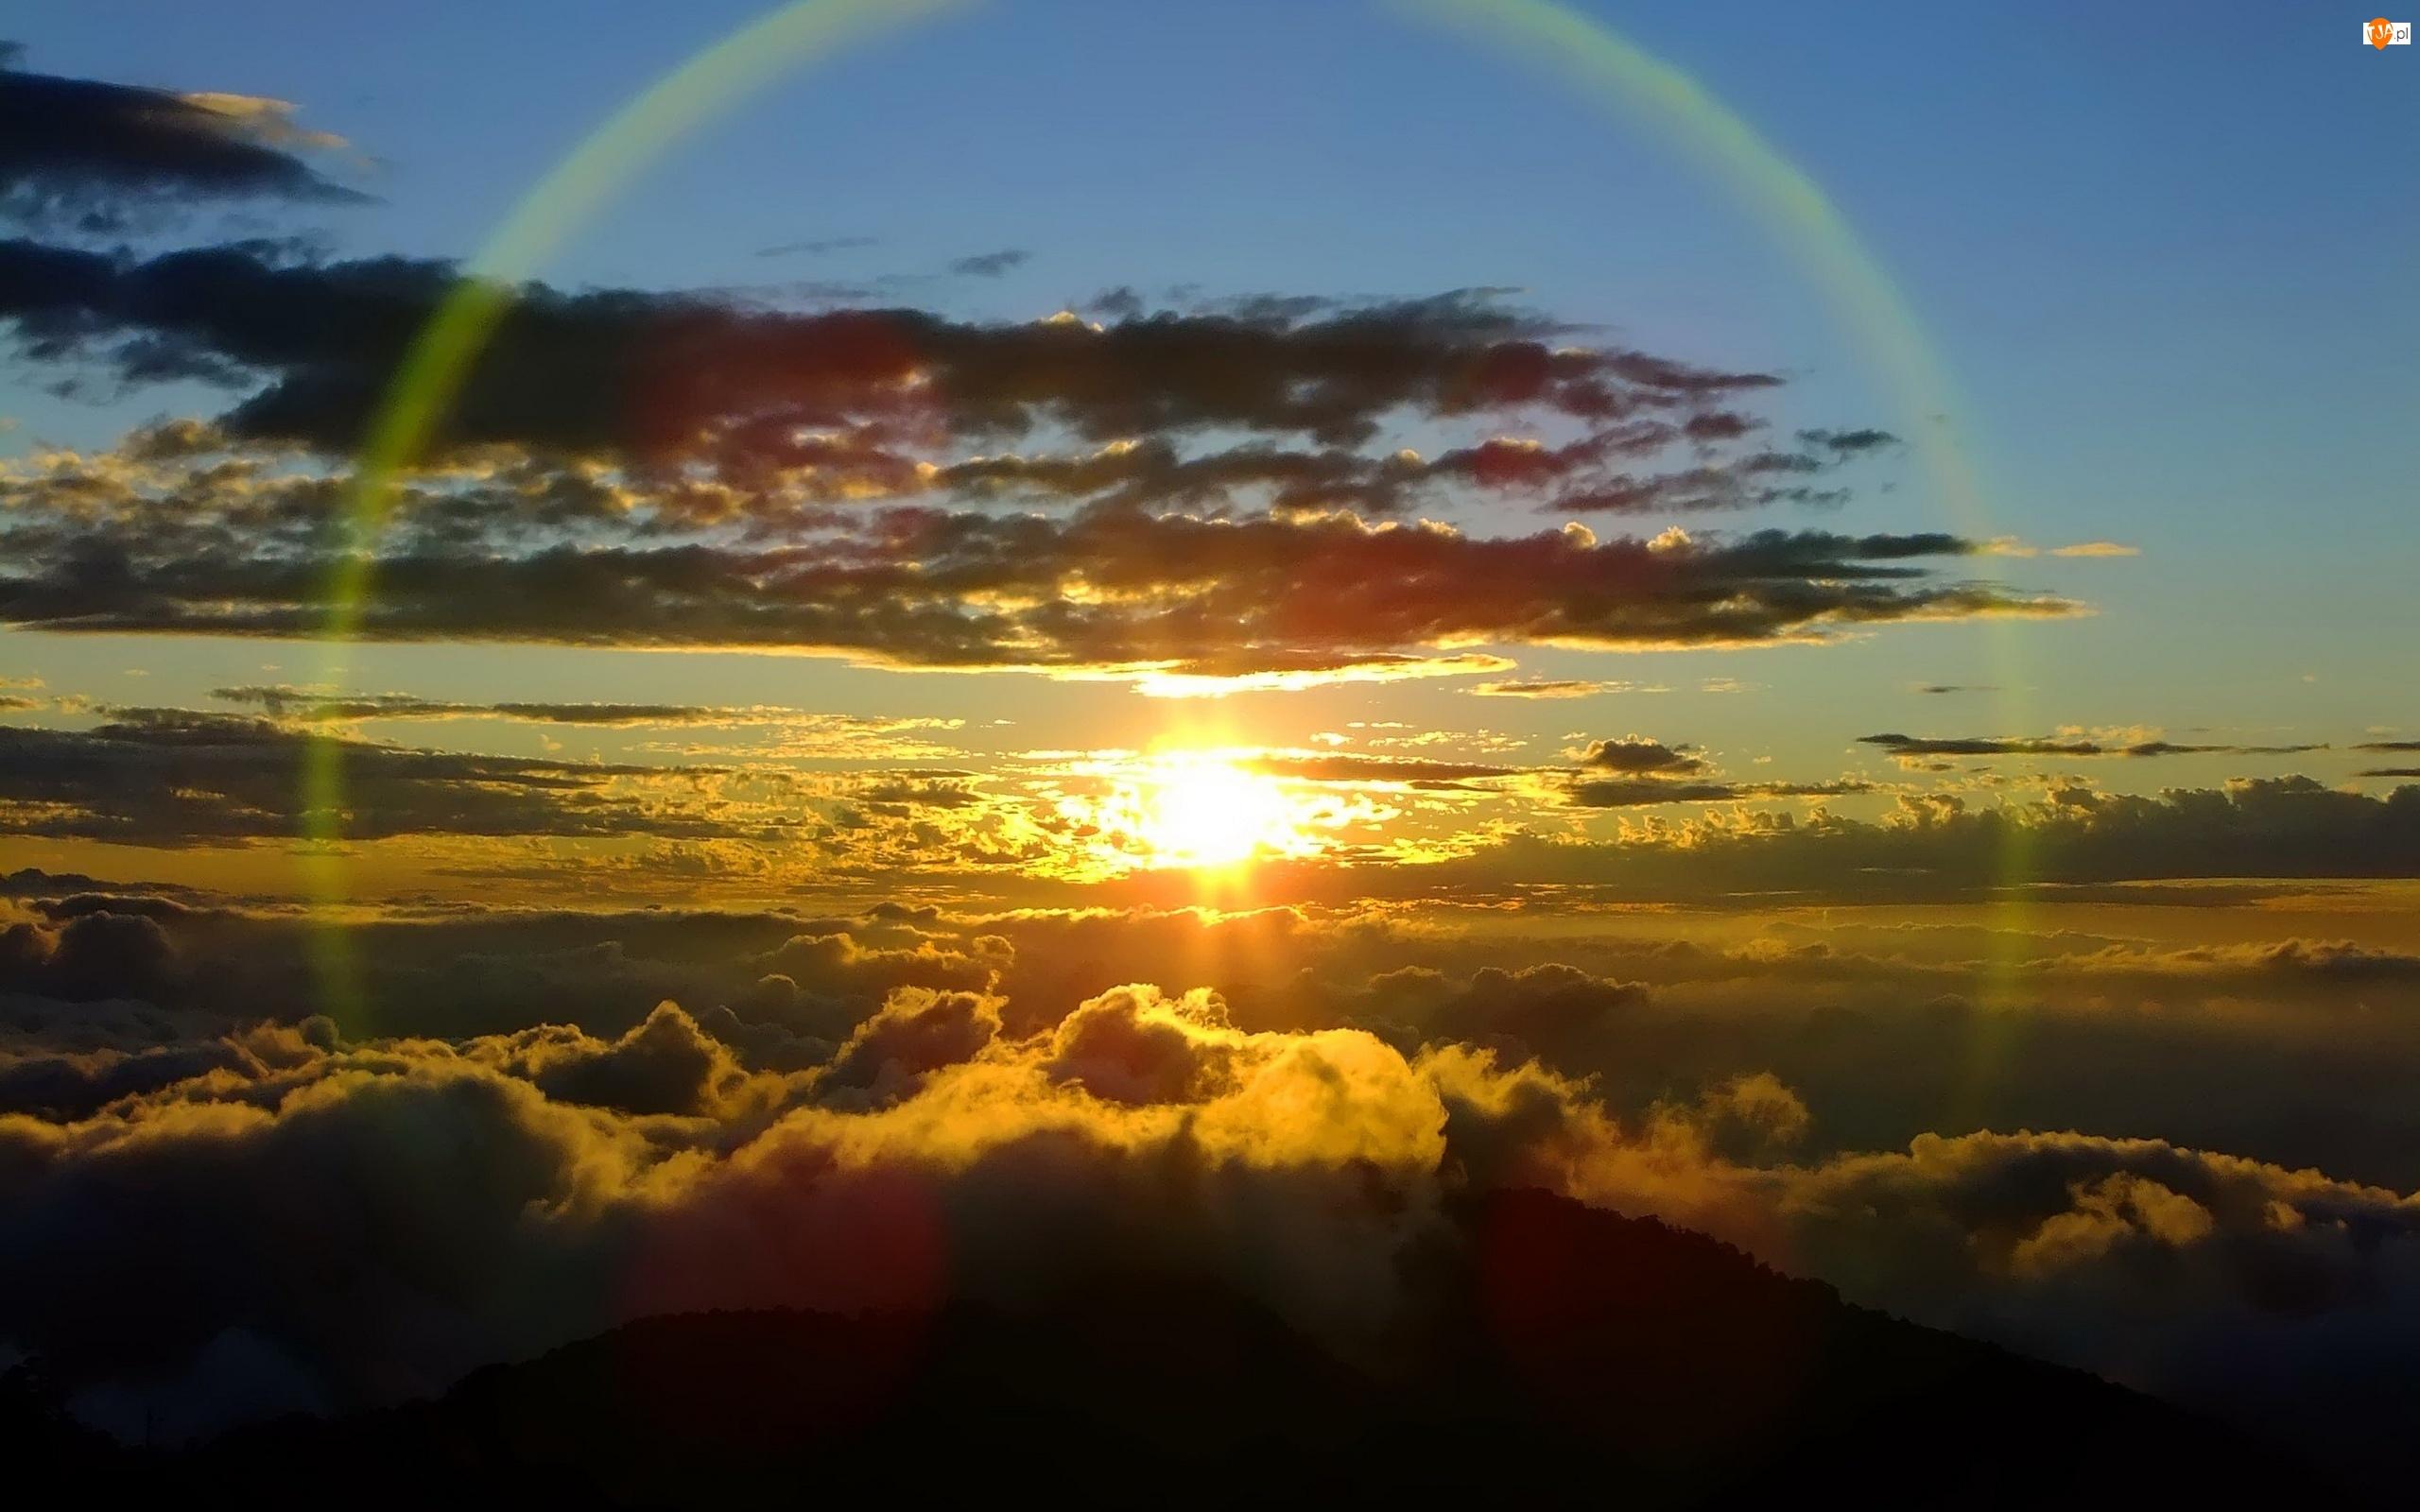 Tęcza, Góry, Promienie, Chmury, Słońca